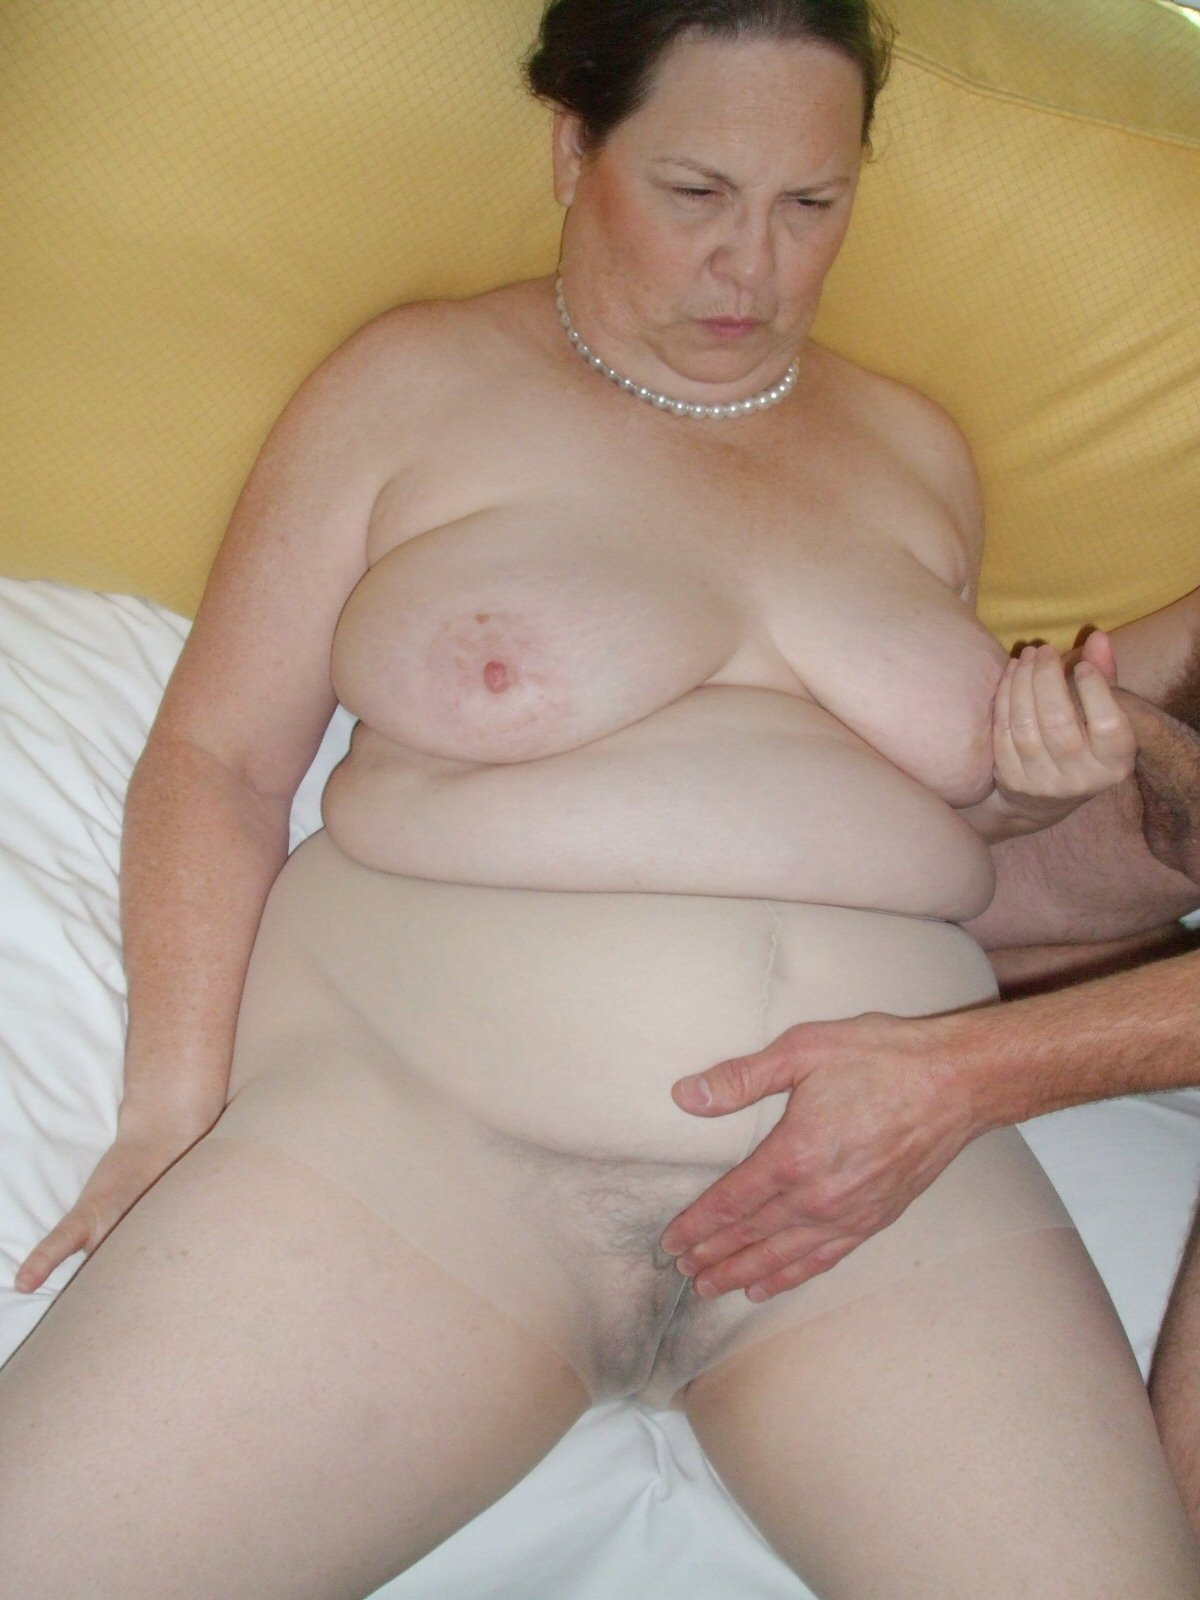 Bbw old women